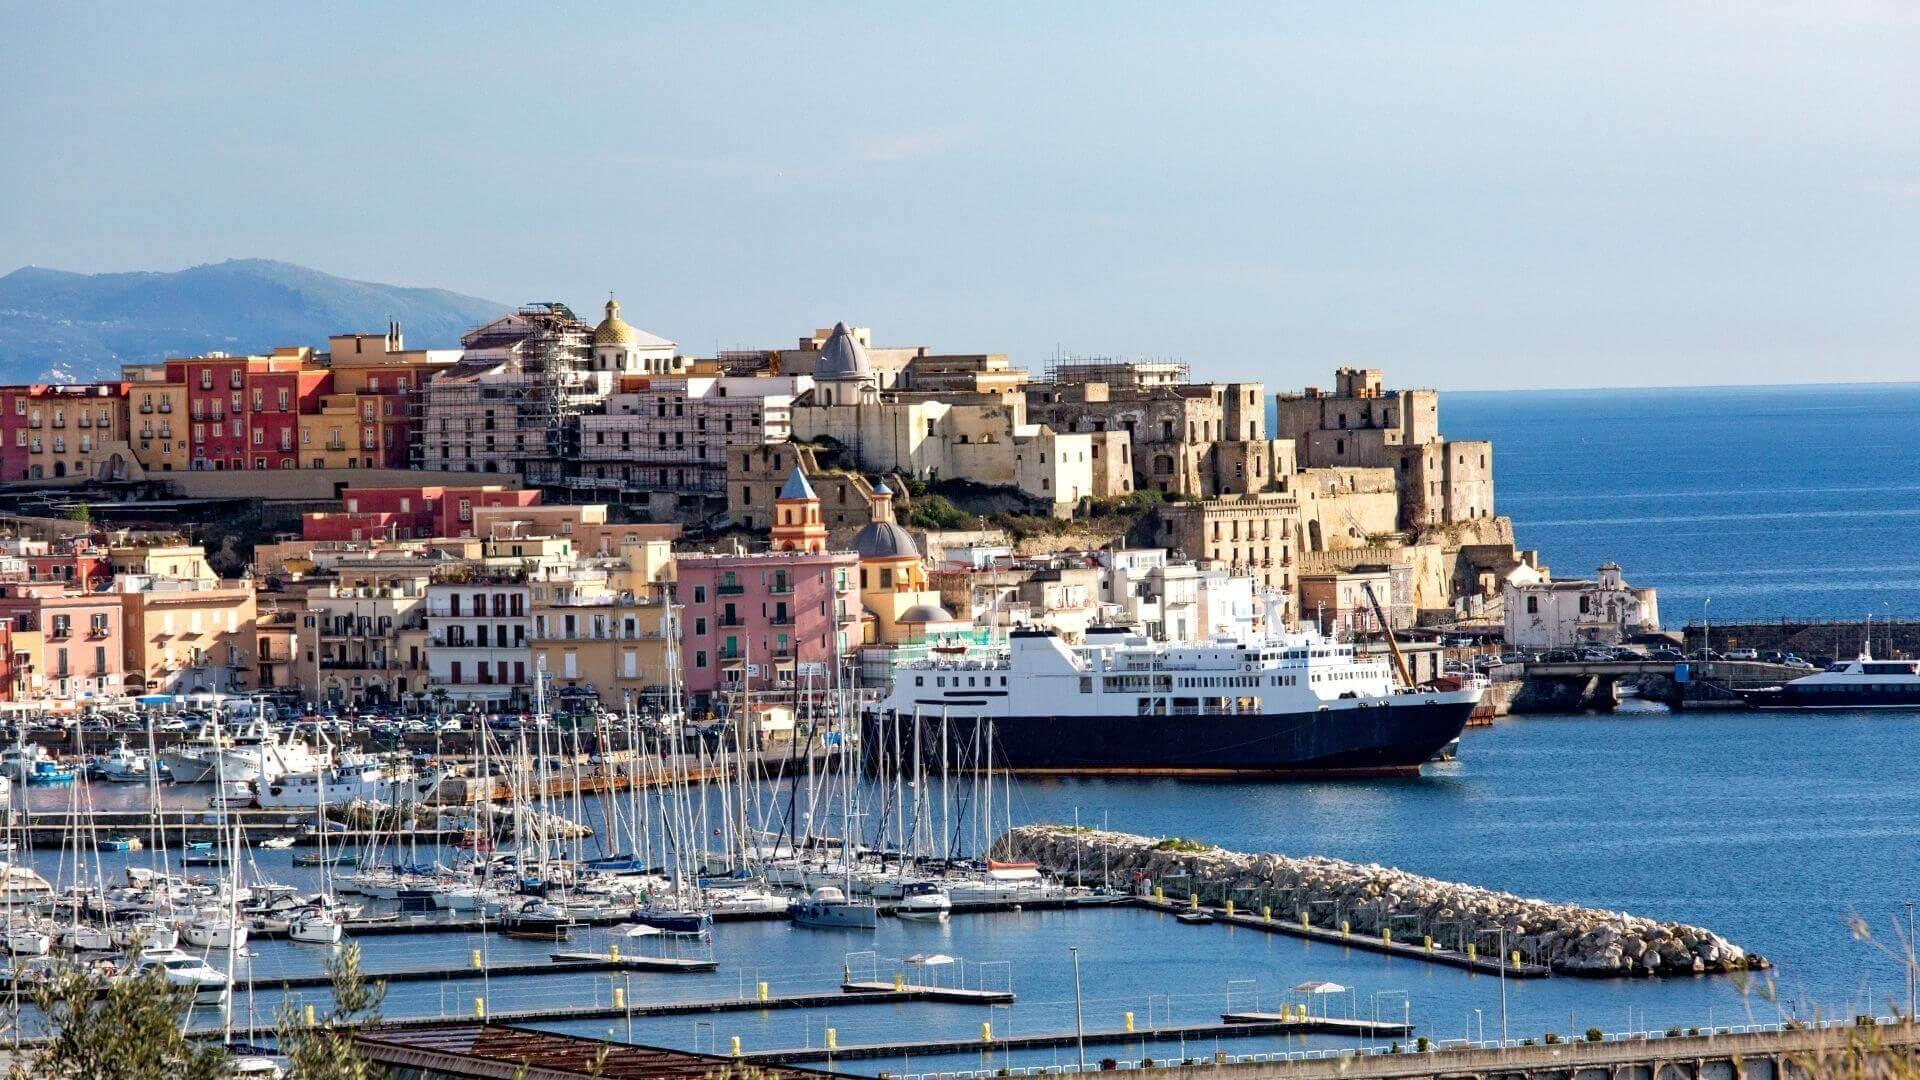 L'antico porto di Pozzuoli